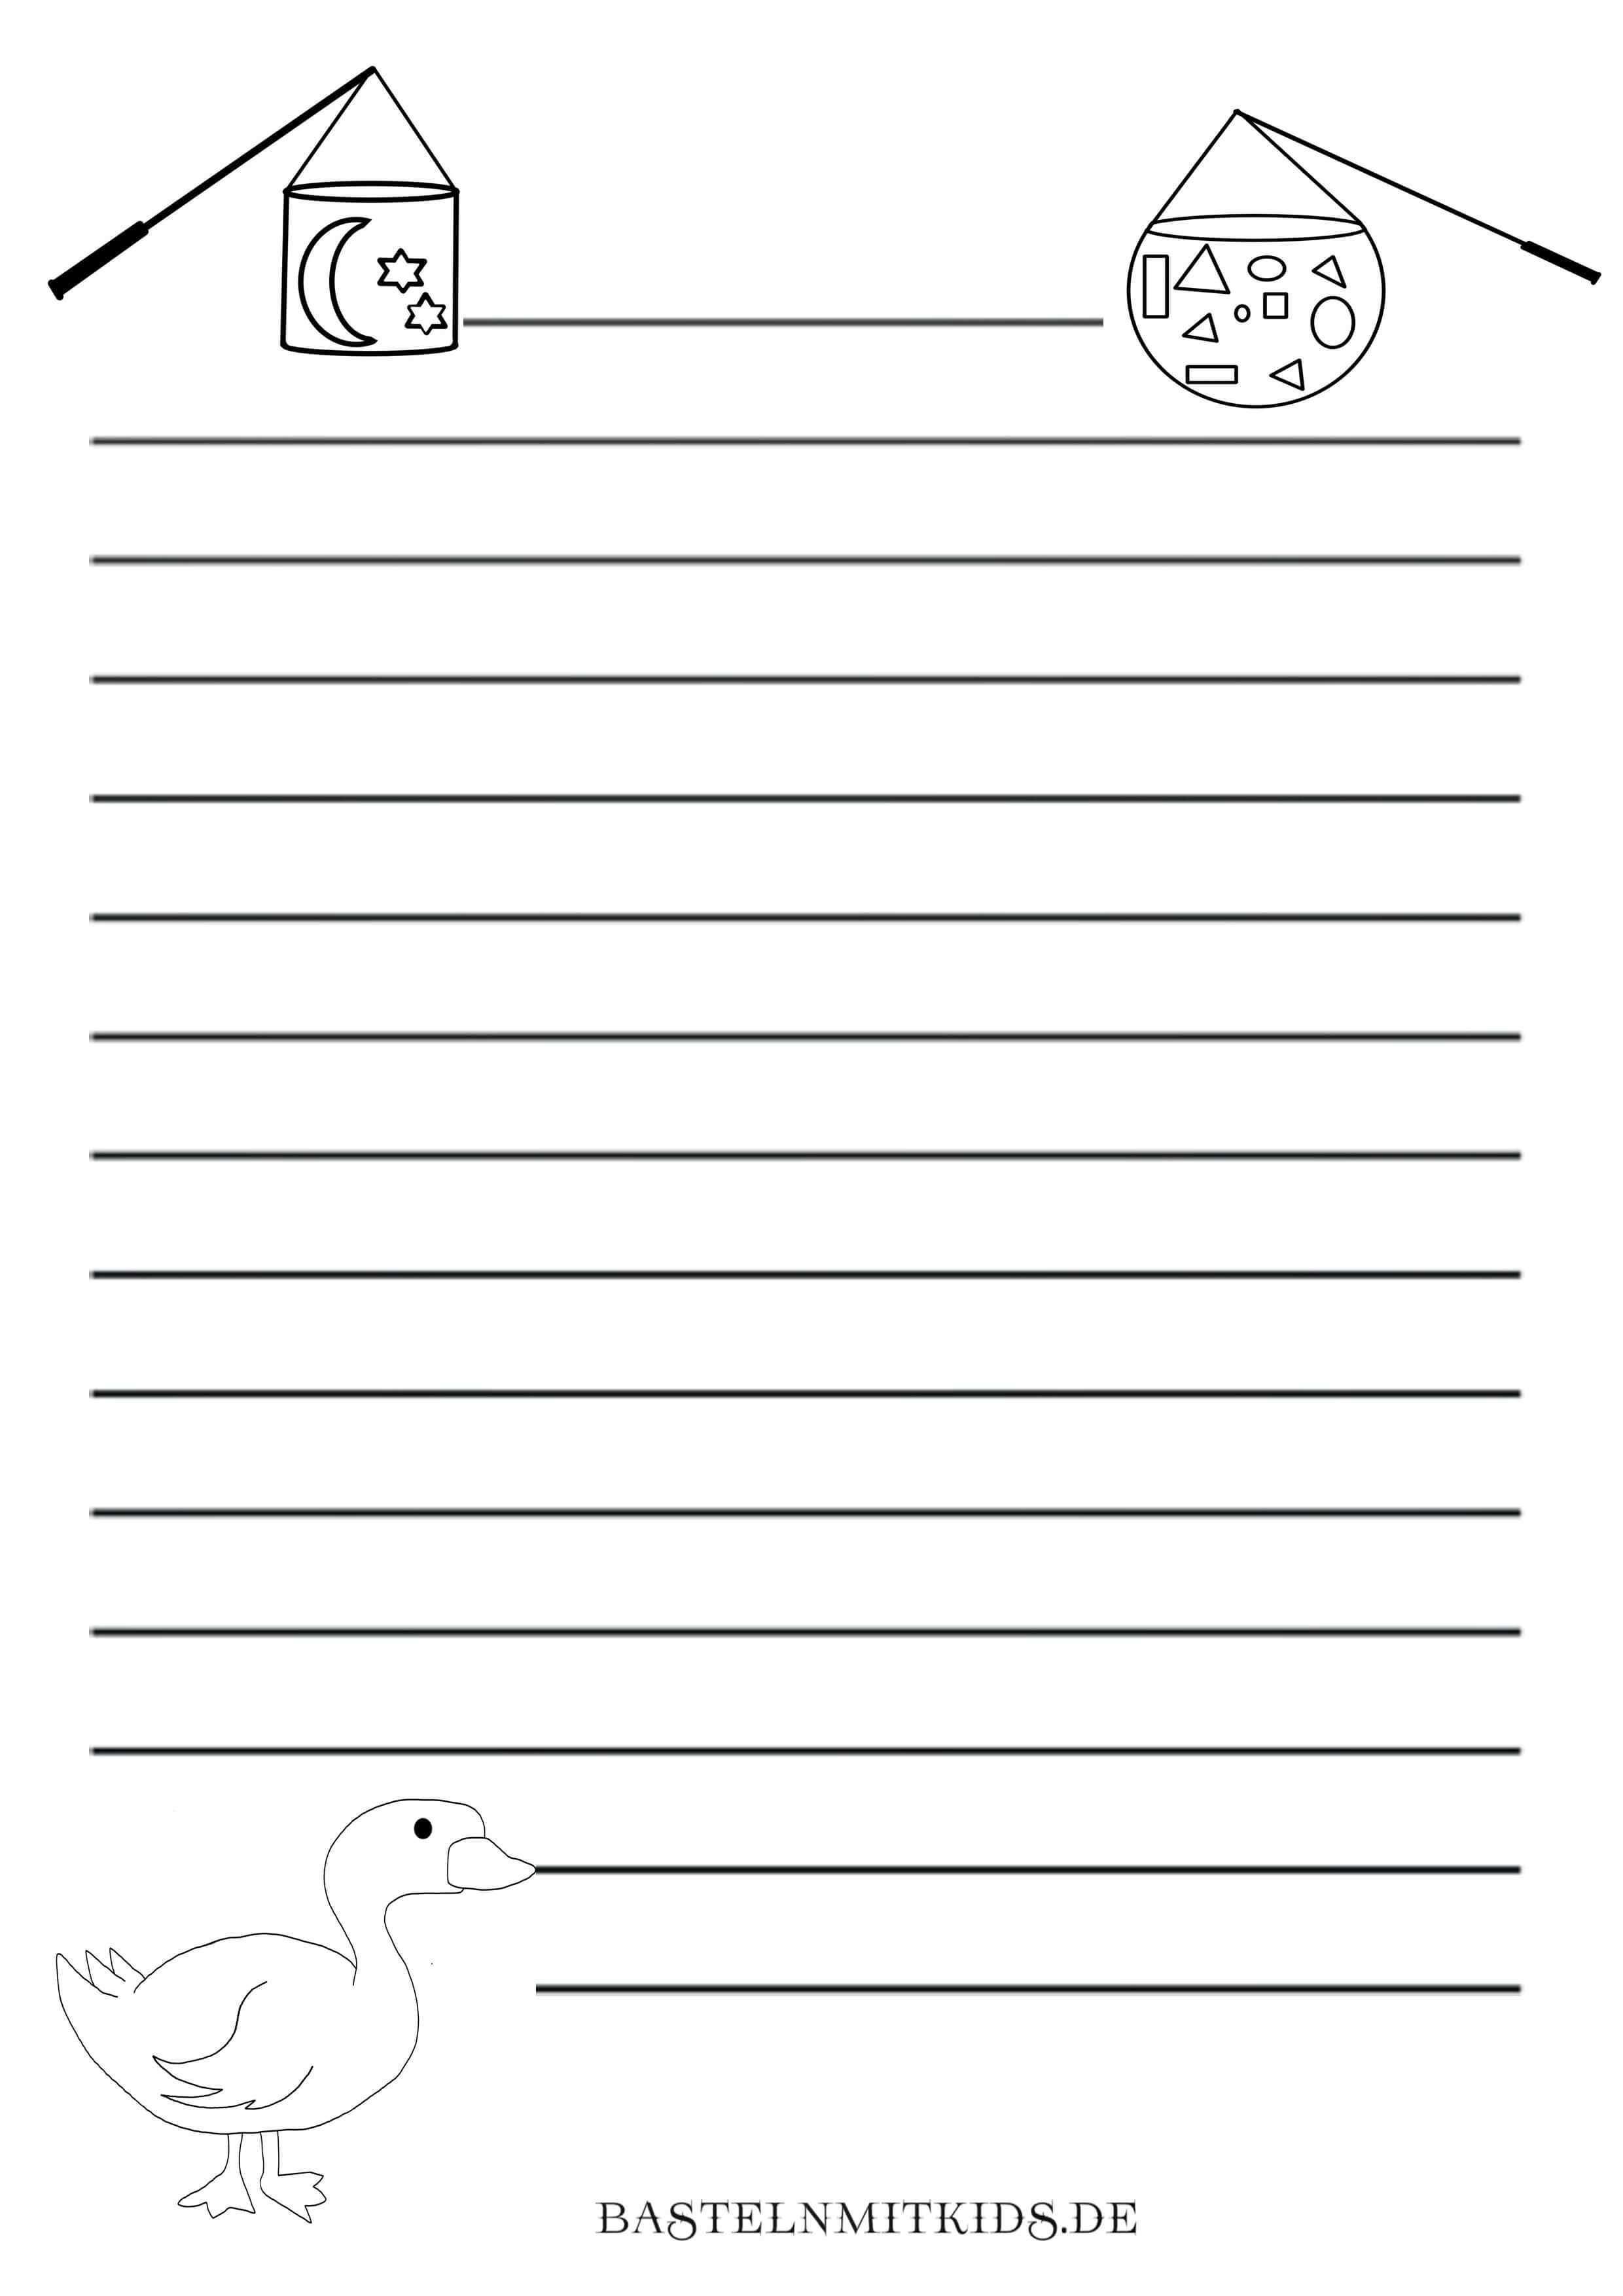 Malvorlagen Und Briefpapier Gratis Zum Drucken Basteln Mit Kindern Briefpapier Vorlage Briefpapier Zum Ausdrucken Briefpapier